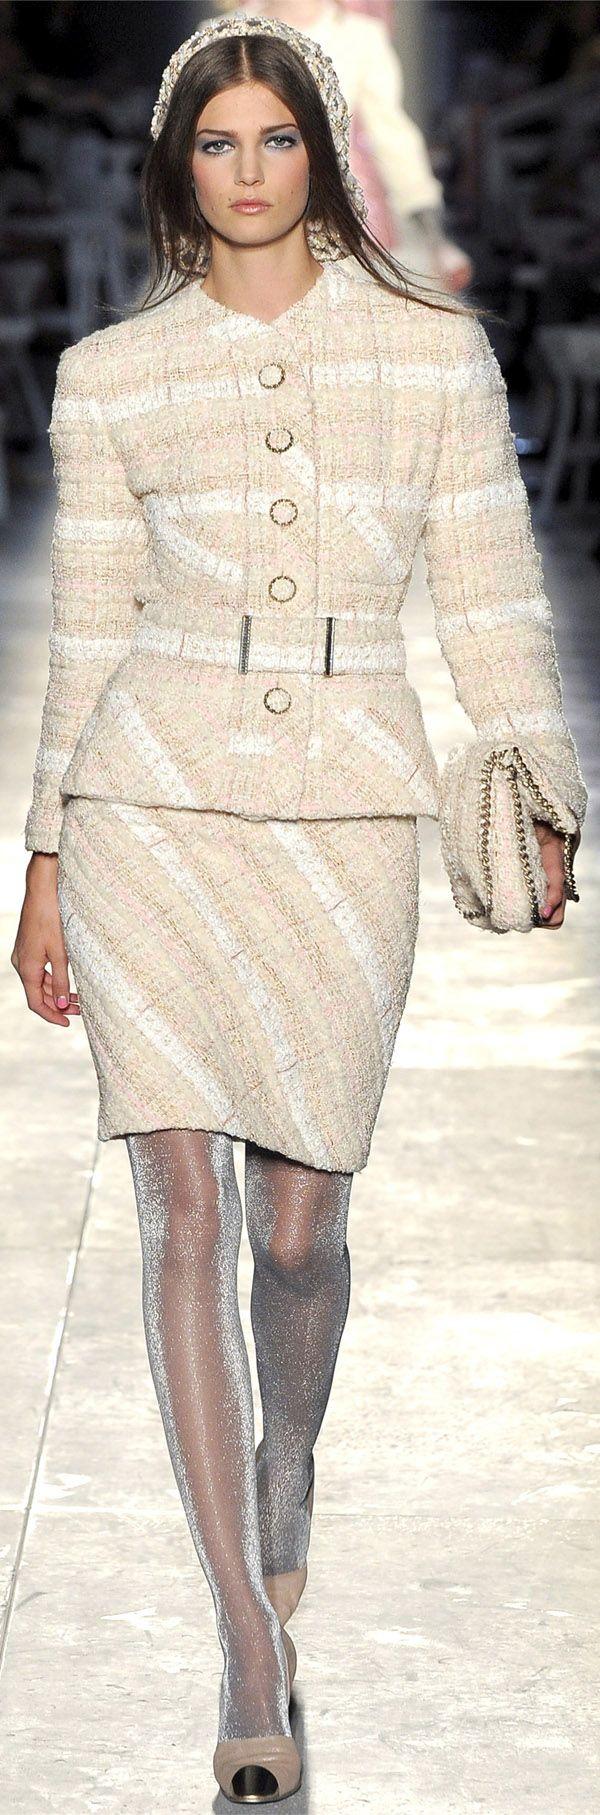 ✜ Chanel   Paris   Winter 2013 ✜ http://www.vogue.it/en/shows/show/haute-couture-fall-winter-2012/chanel